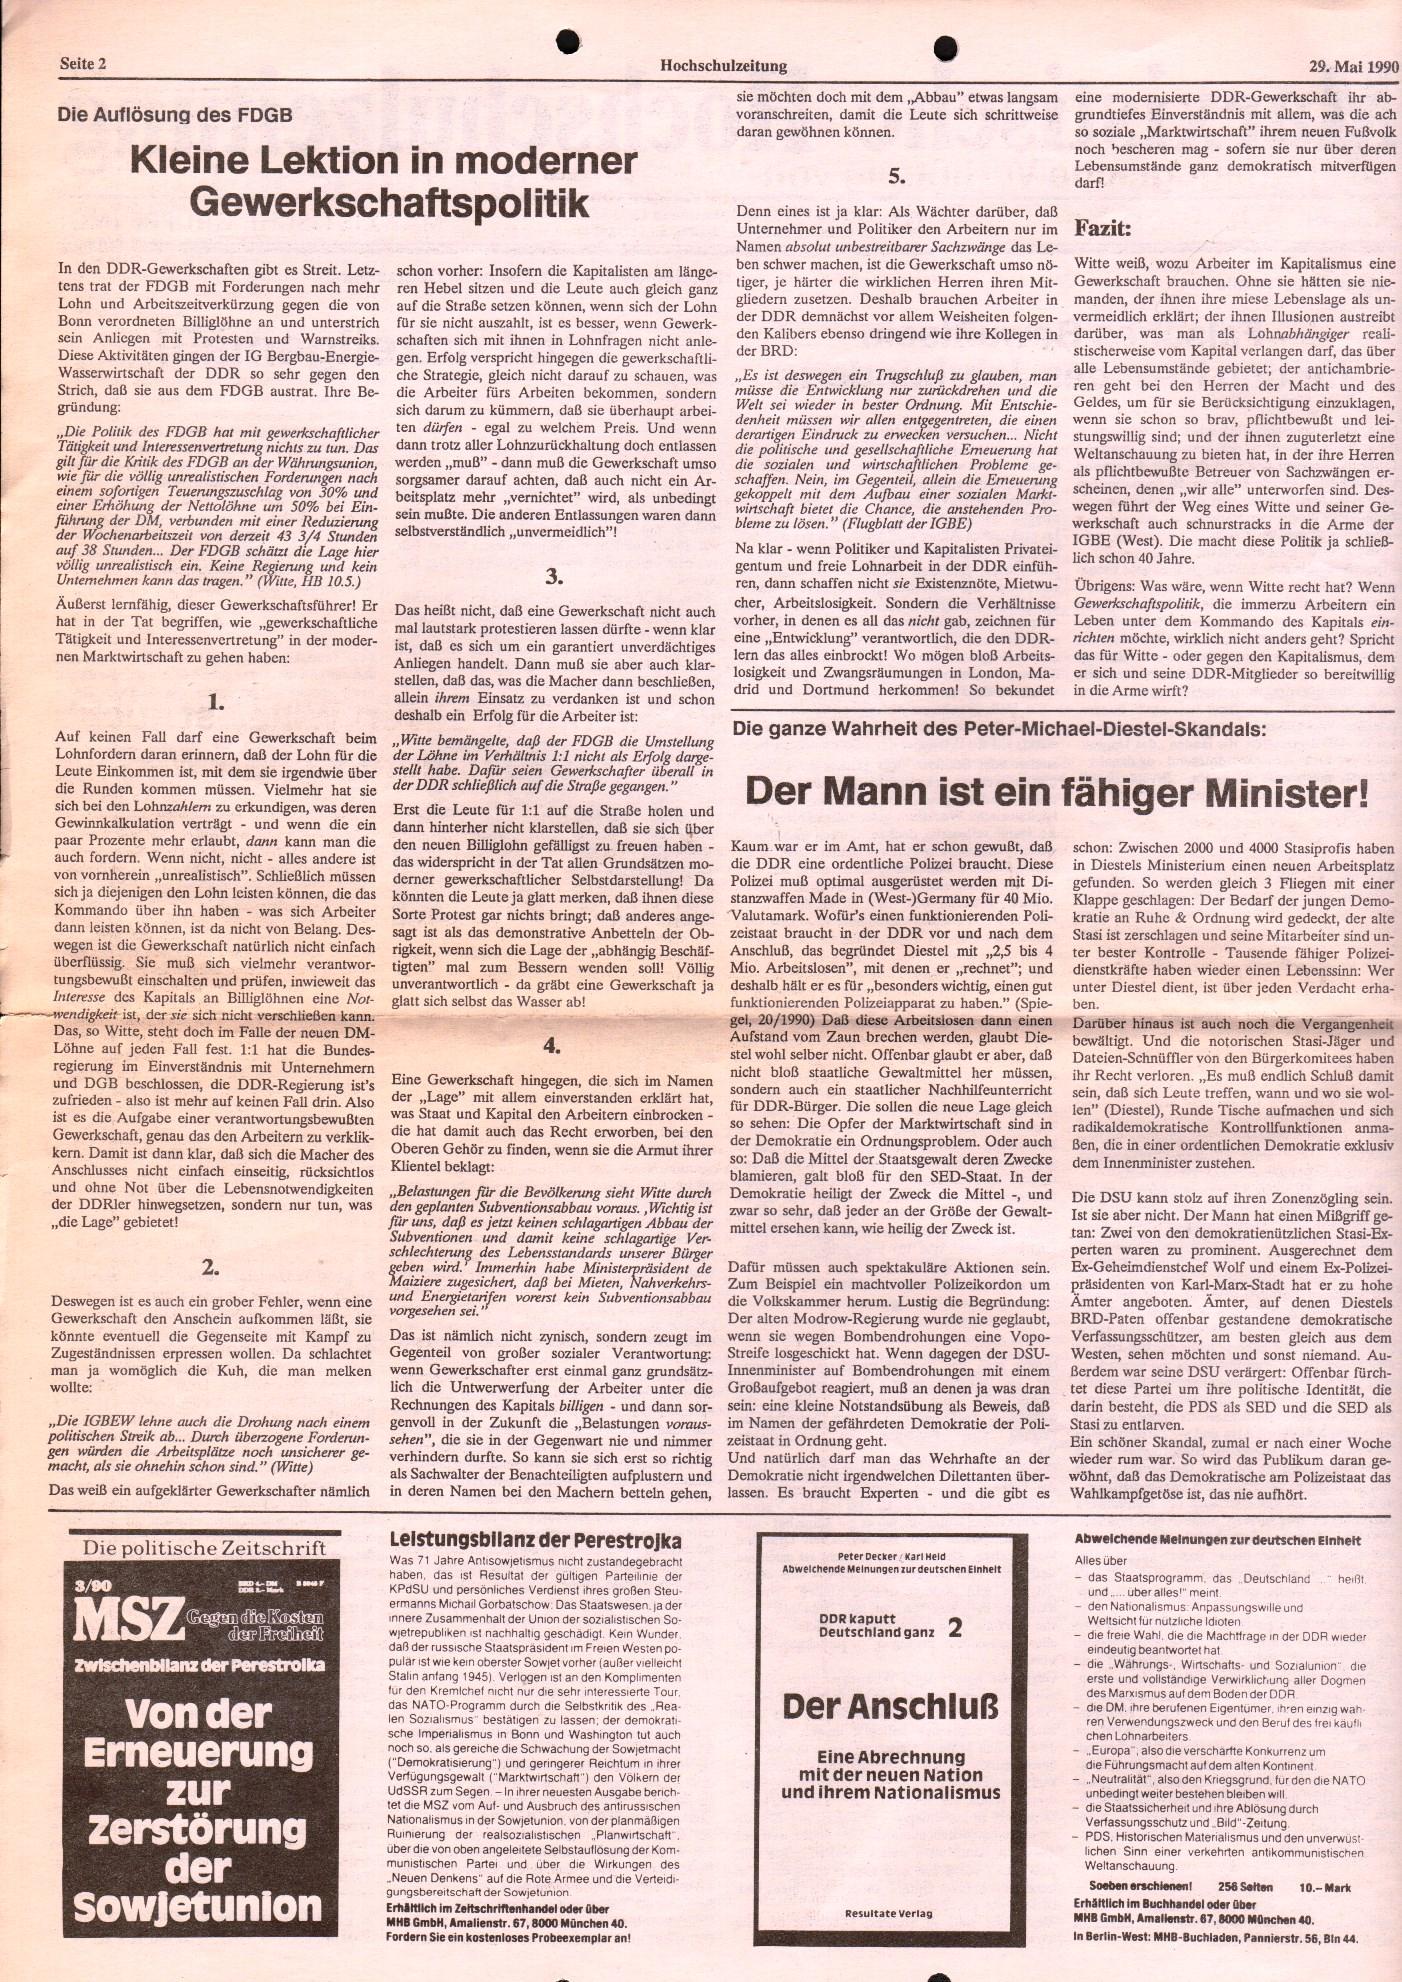 Ruhrgebiet_MG_Marxistische_Hochschulzeitung_19900529_02